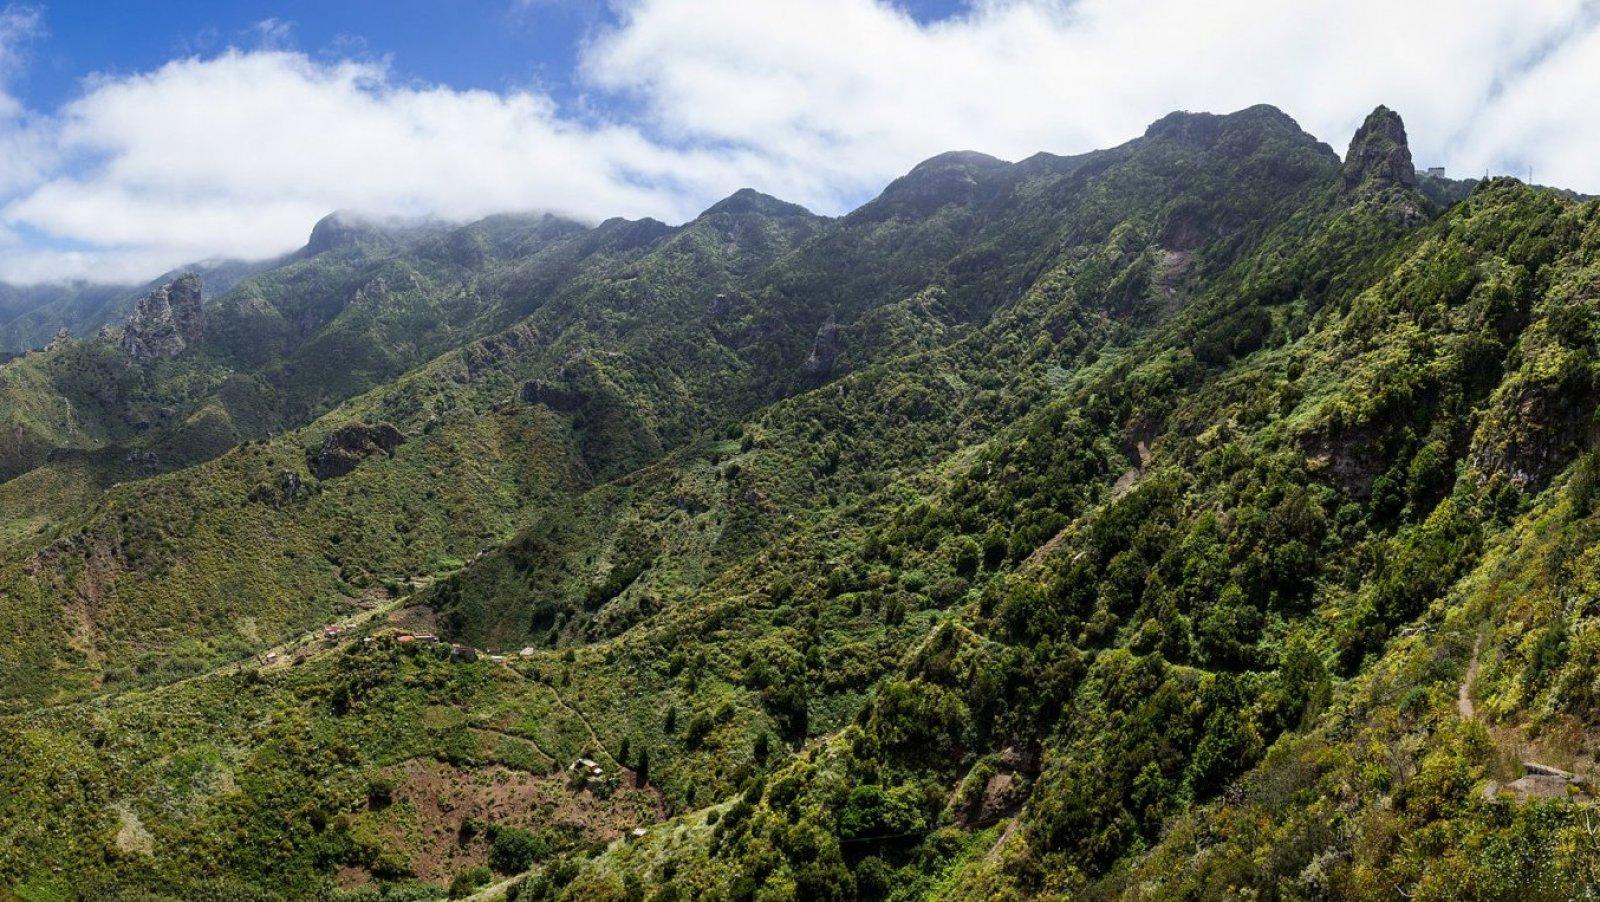 La verde y frondosa montaña de Anaga en Tenerife.